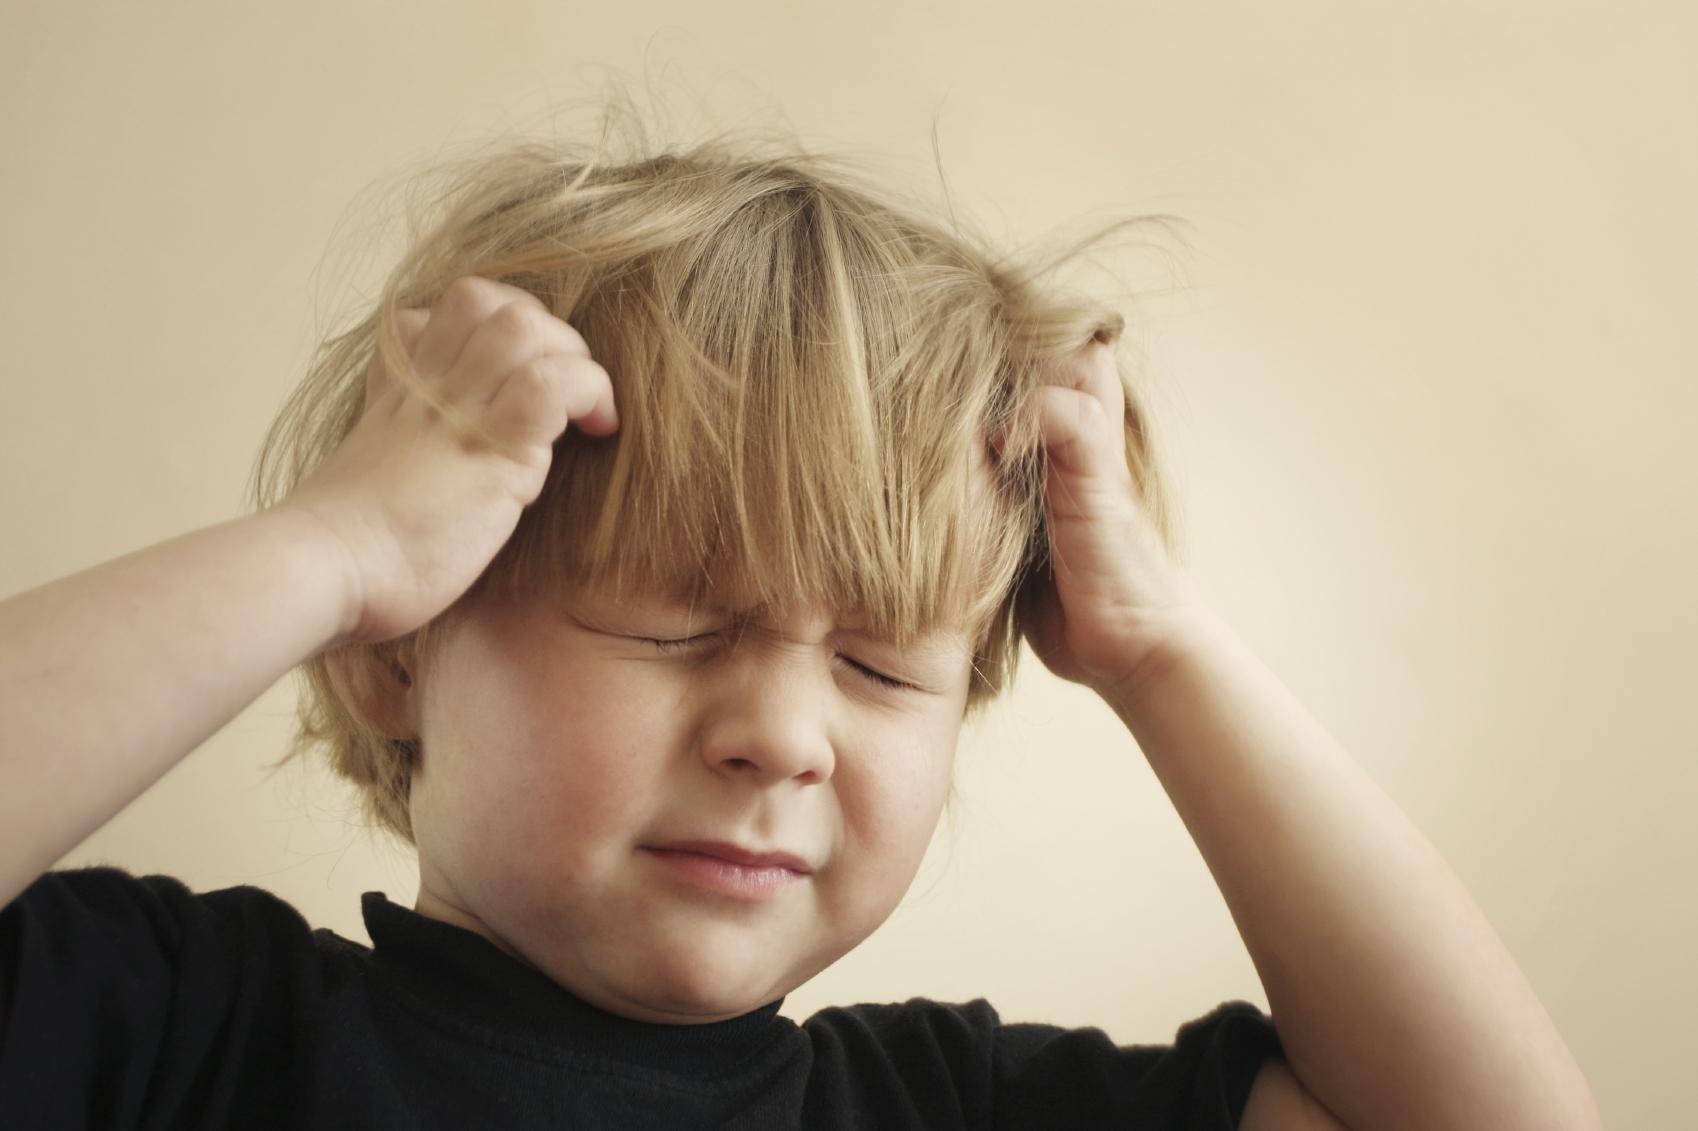 Боли в области головы у детей возникают достаточно часто. Каждый пятый ребенок, учащийся в начальных классах, страдает от головной боли.